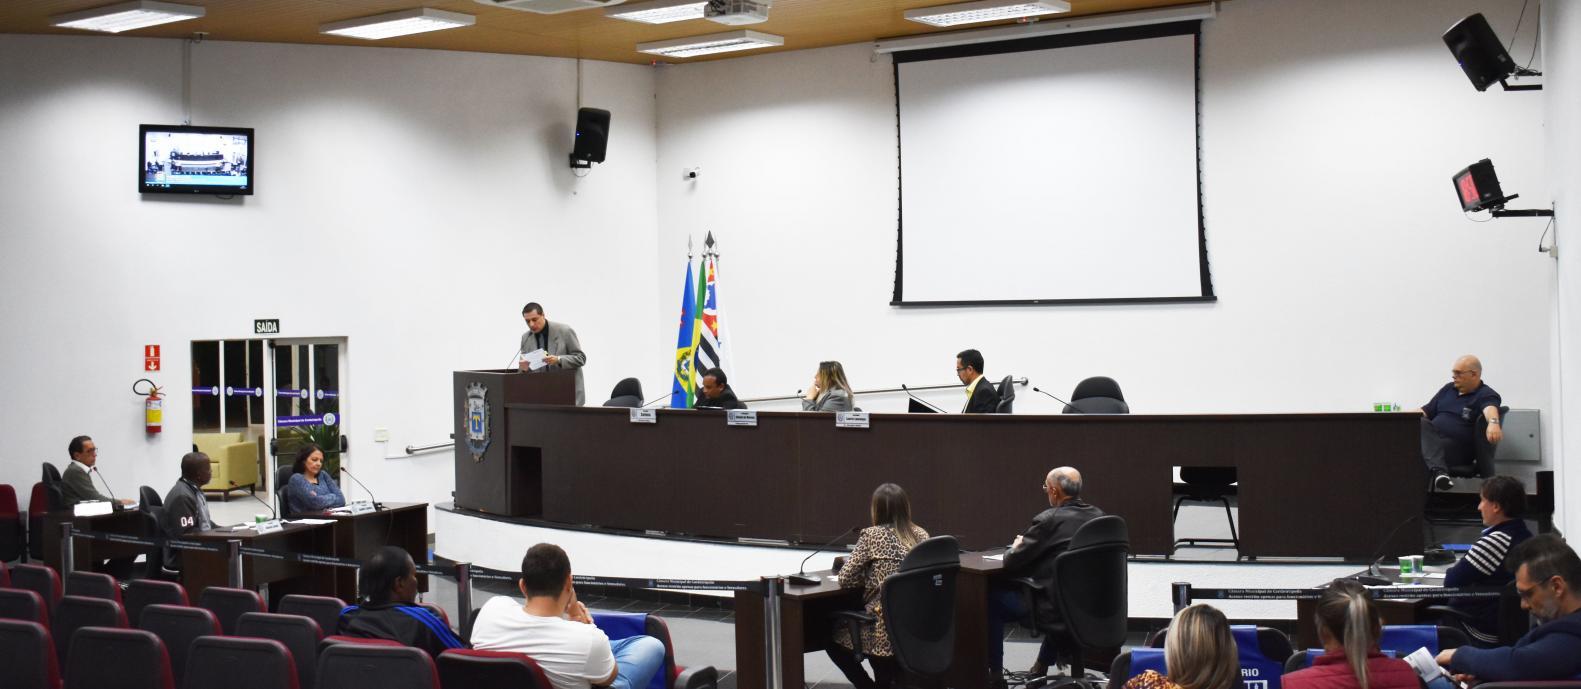 Saúde e trânsito estão na pauta de indicações dos vereadores de Cordeirópolis